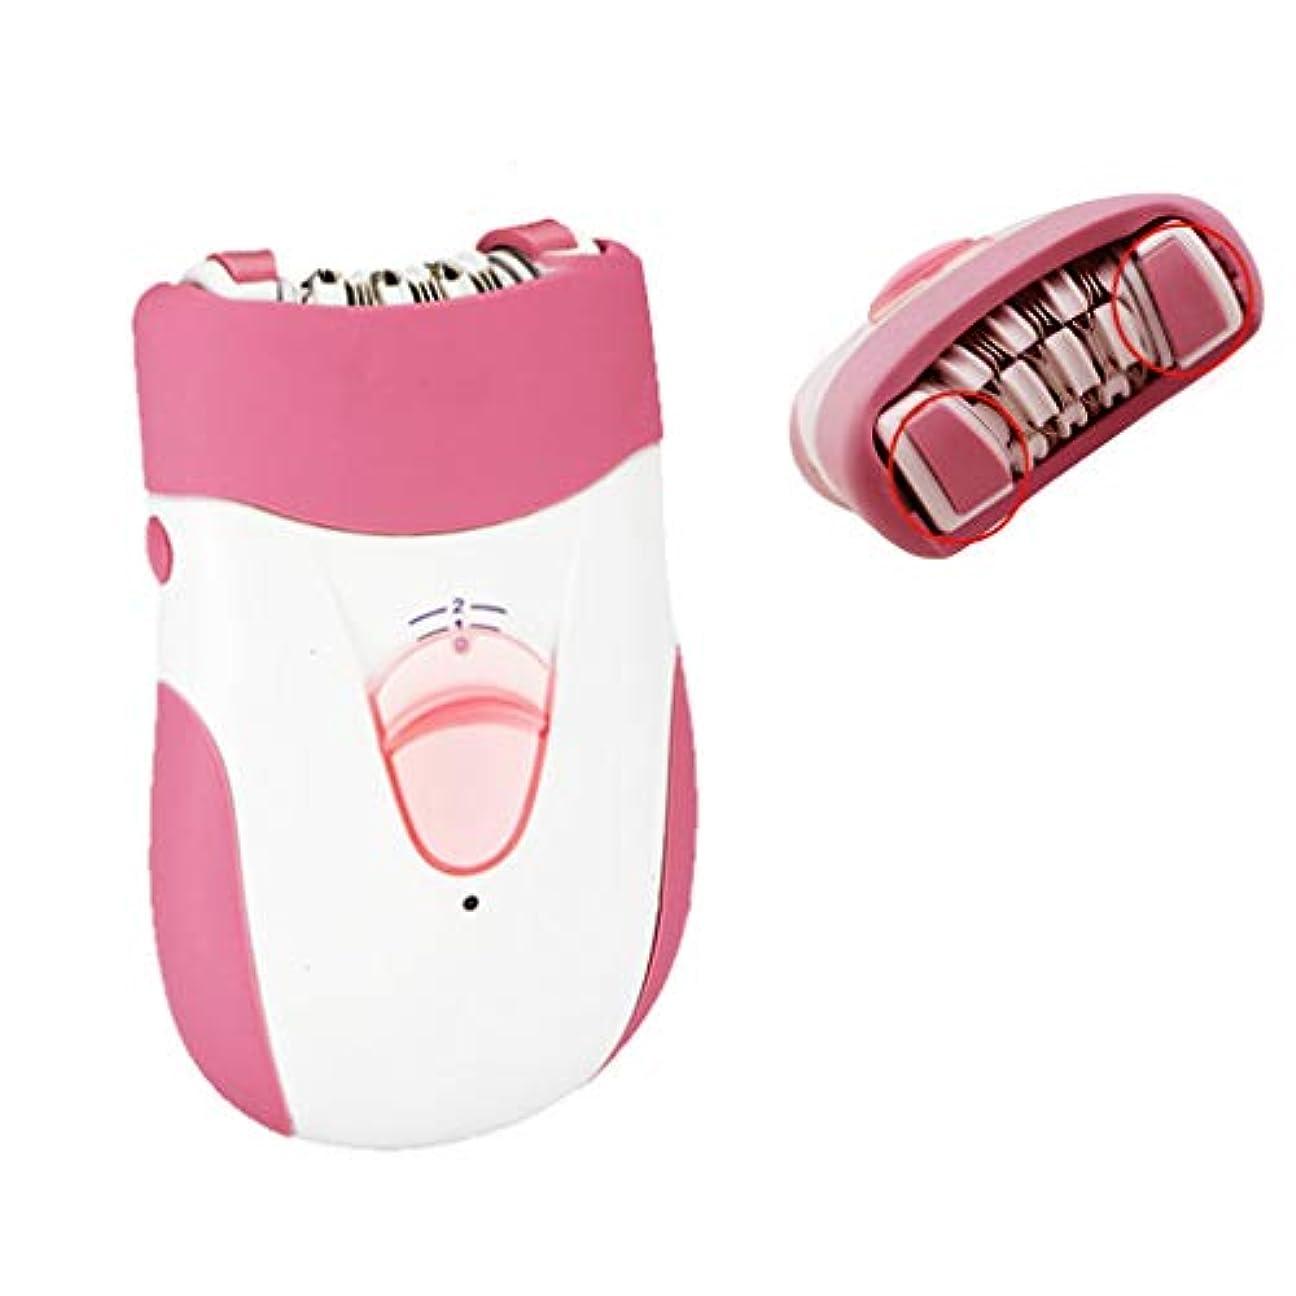 対リクルートミシン女性用電気シェーバー充電式脱毛器シェーバー脱毛式かみそり、洗える、脇の下、脚、腕などに適しています。,Pink